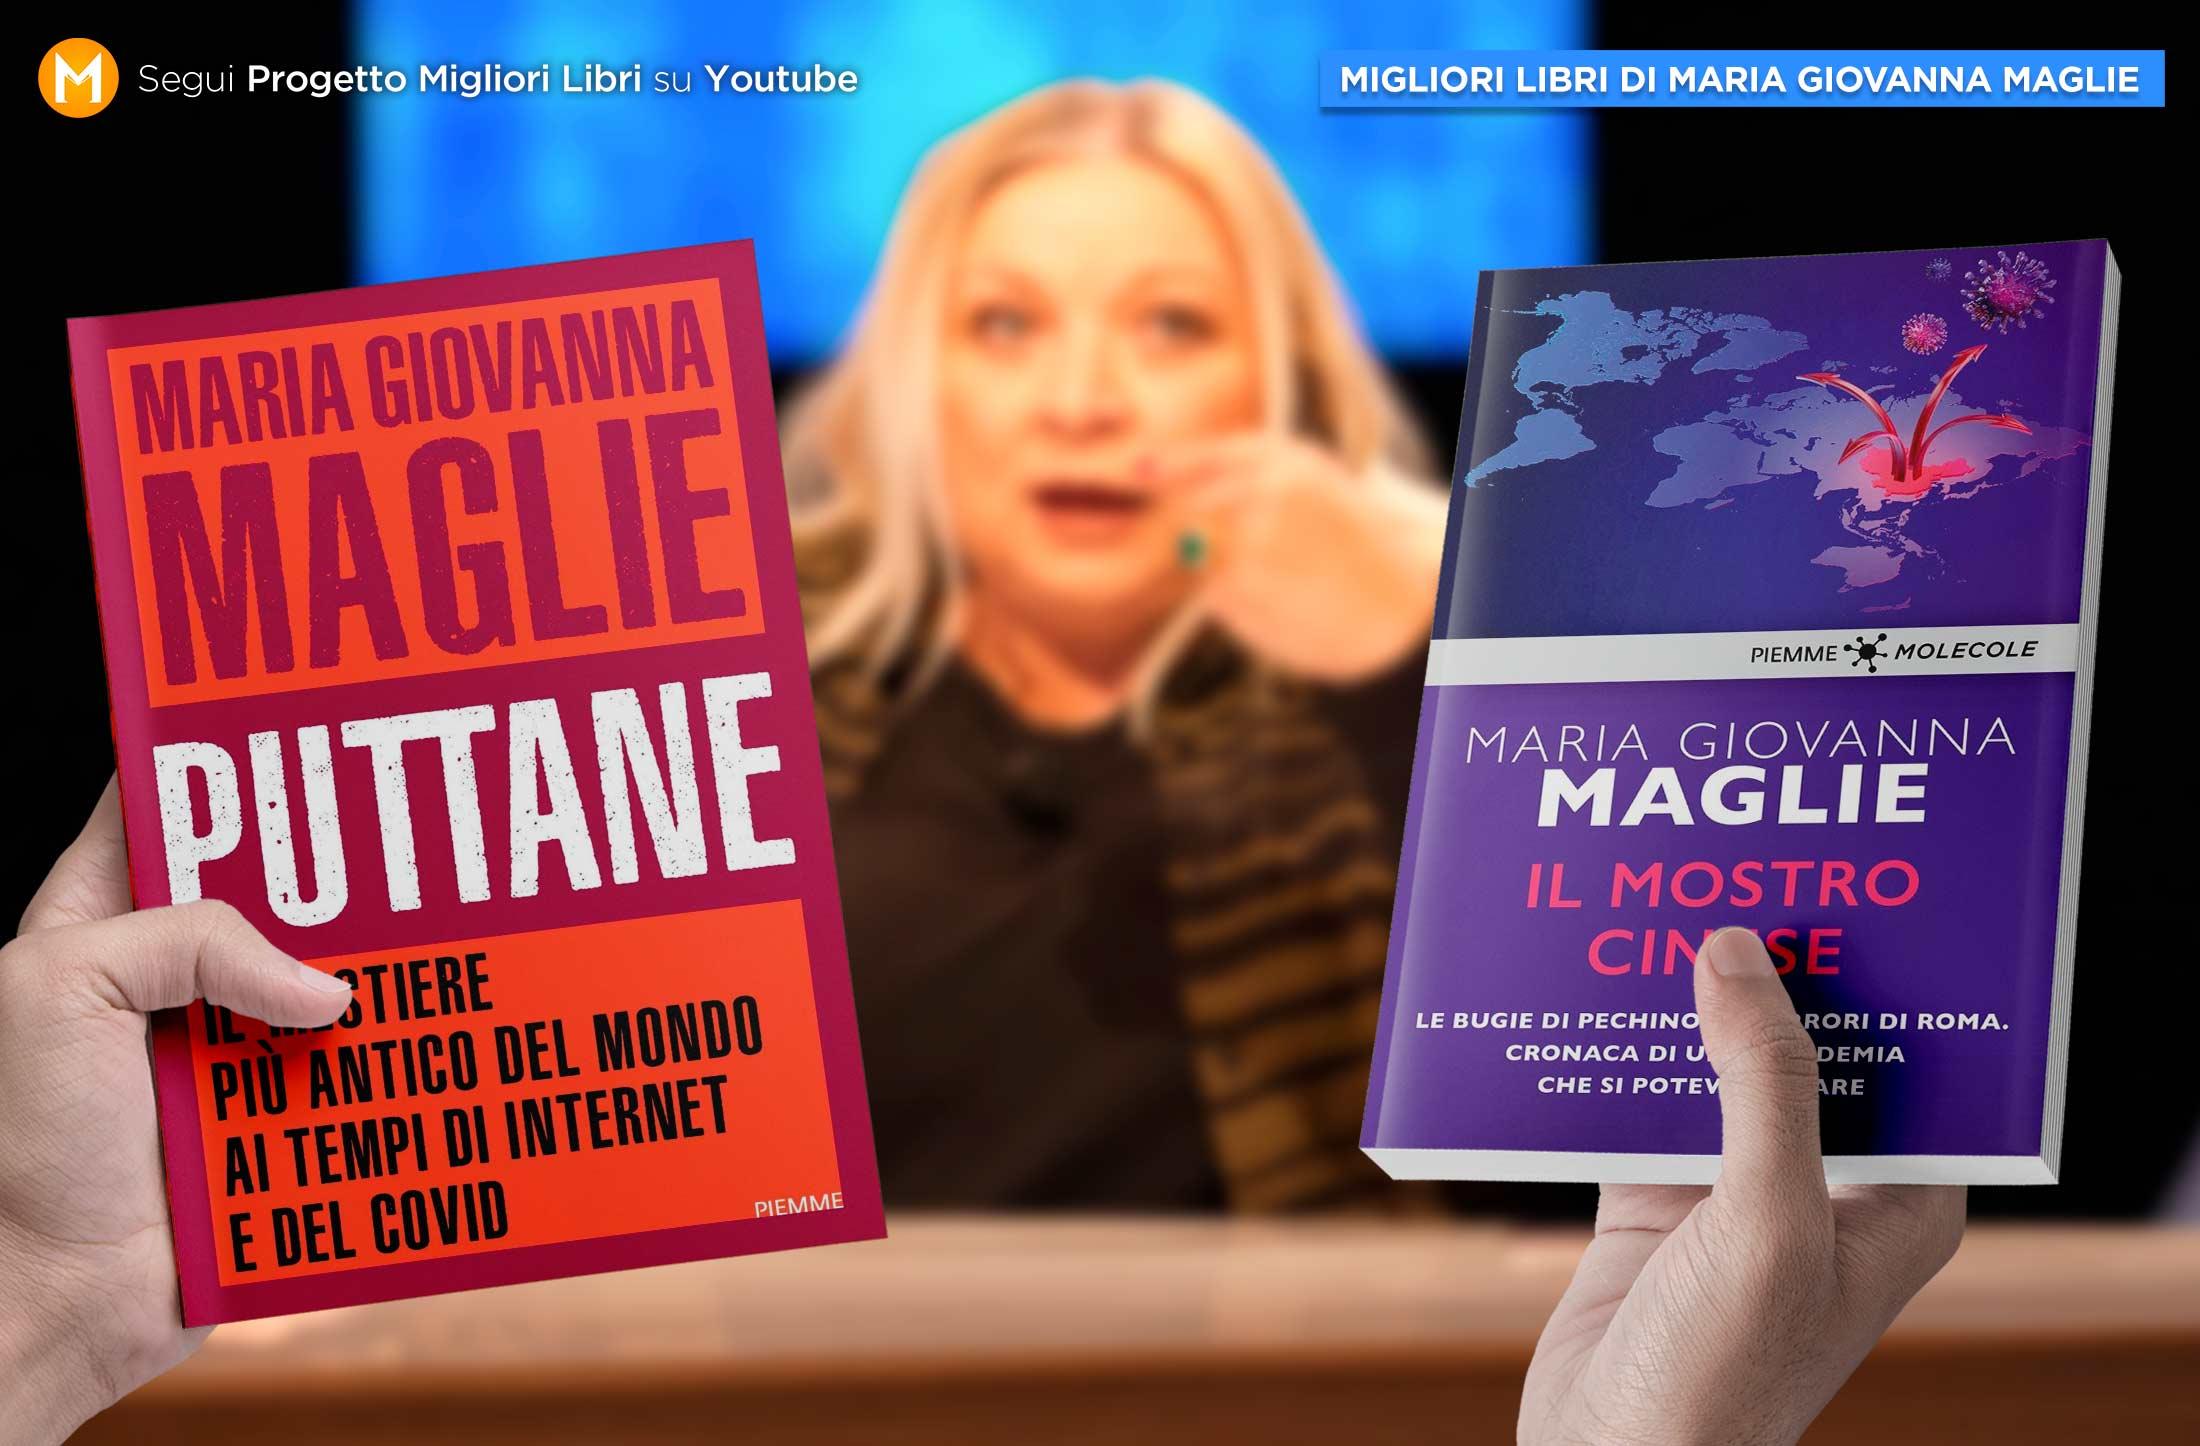 migliori-libri-maria-giovanna-maglie